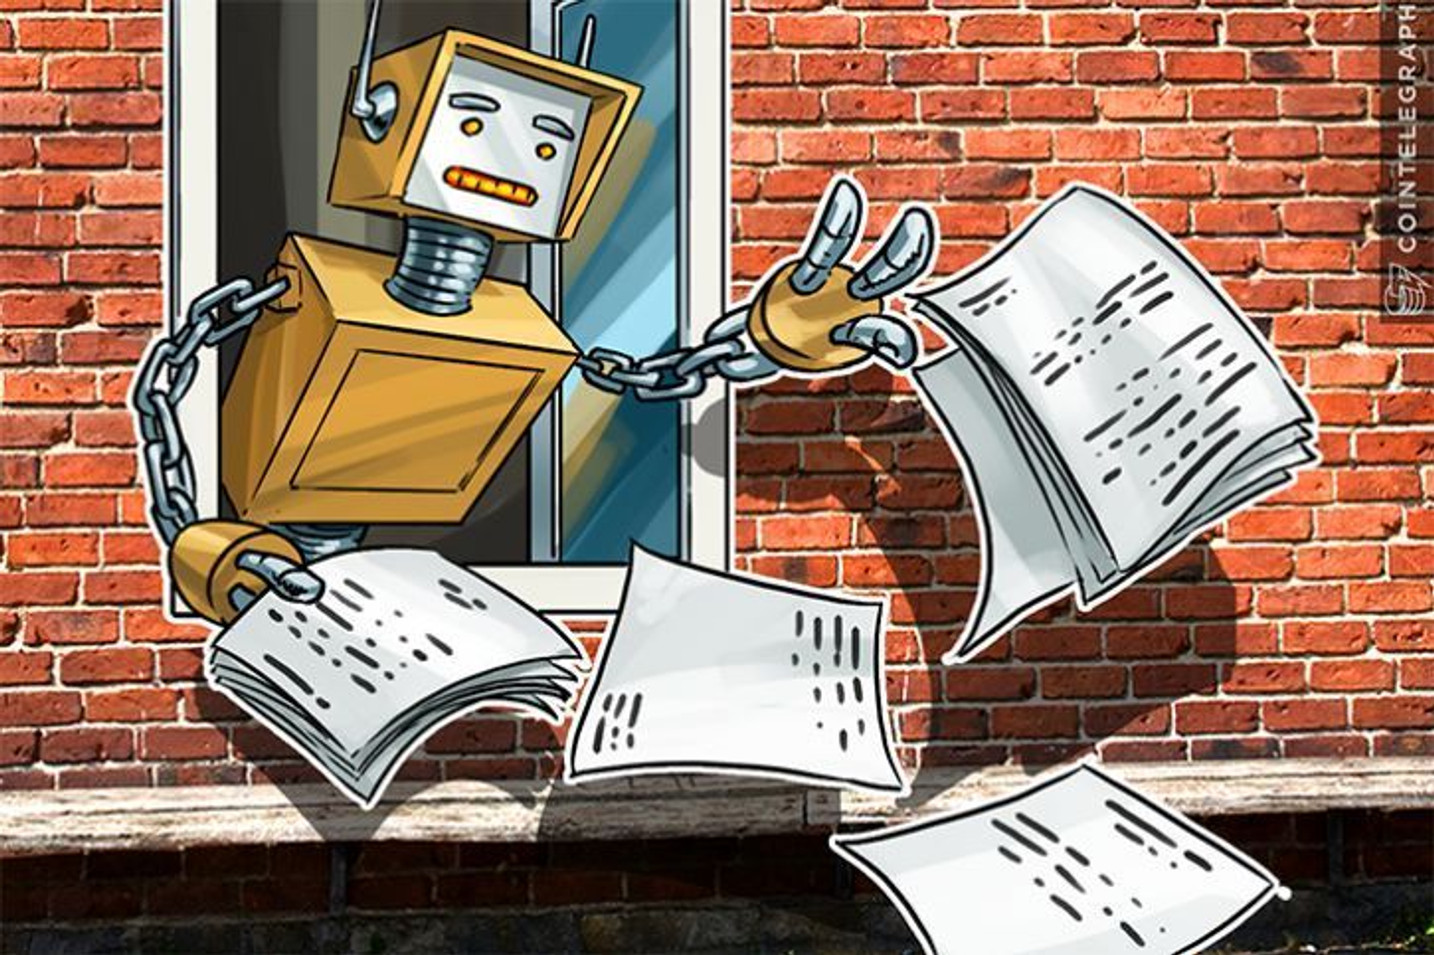 タイの銀行がブロックチェーンを利用した無料の書類認証システムを開発